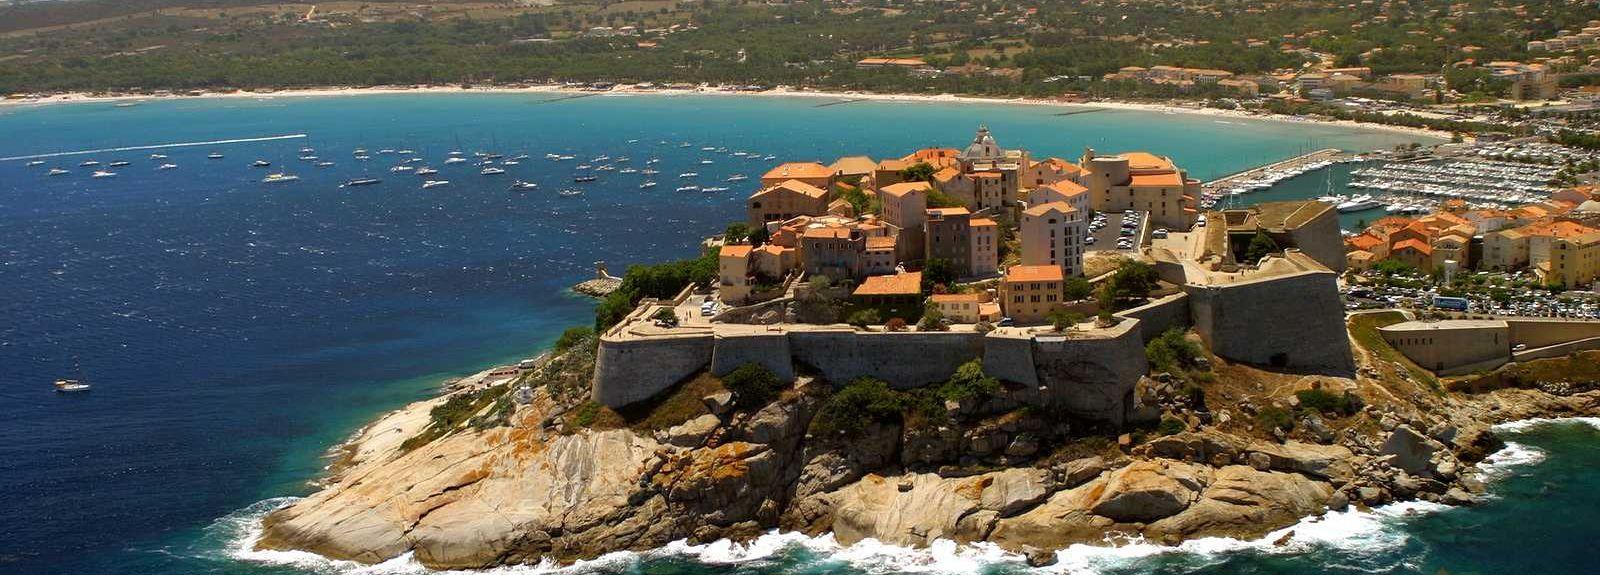 Marine de Sant'ambroggio, Lumio, Haute-Corse, France